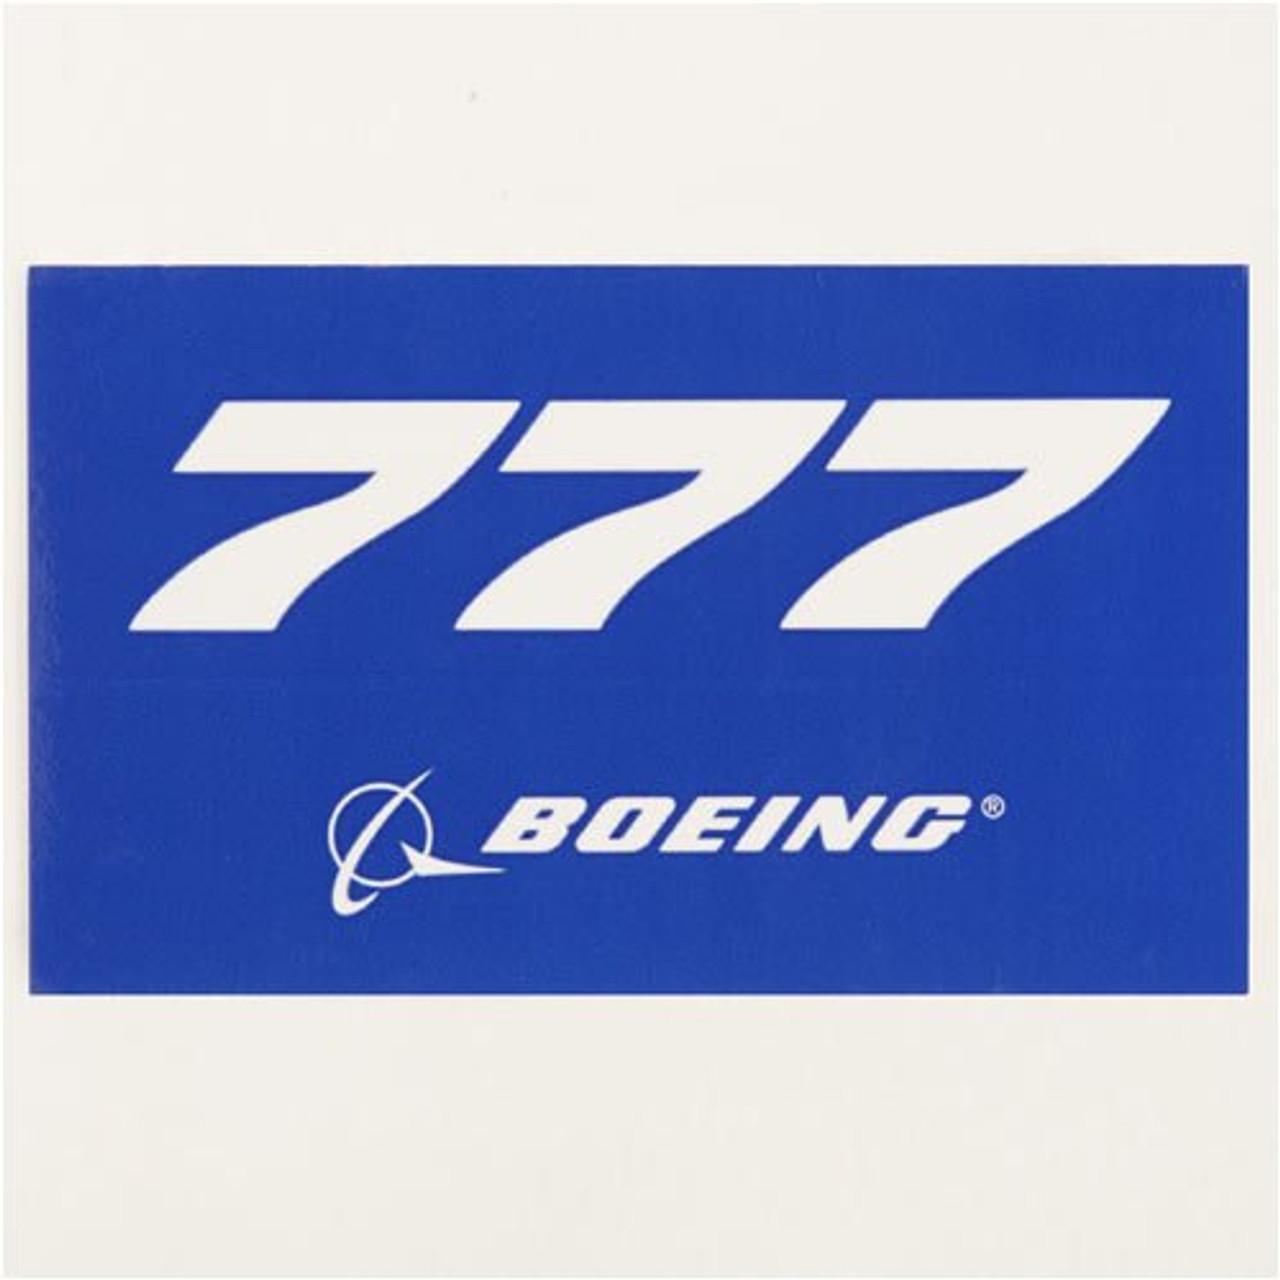 777 Blue Sticker